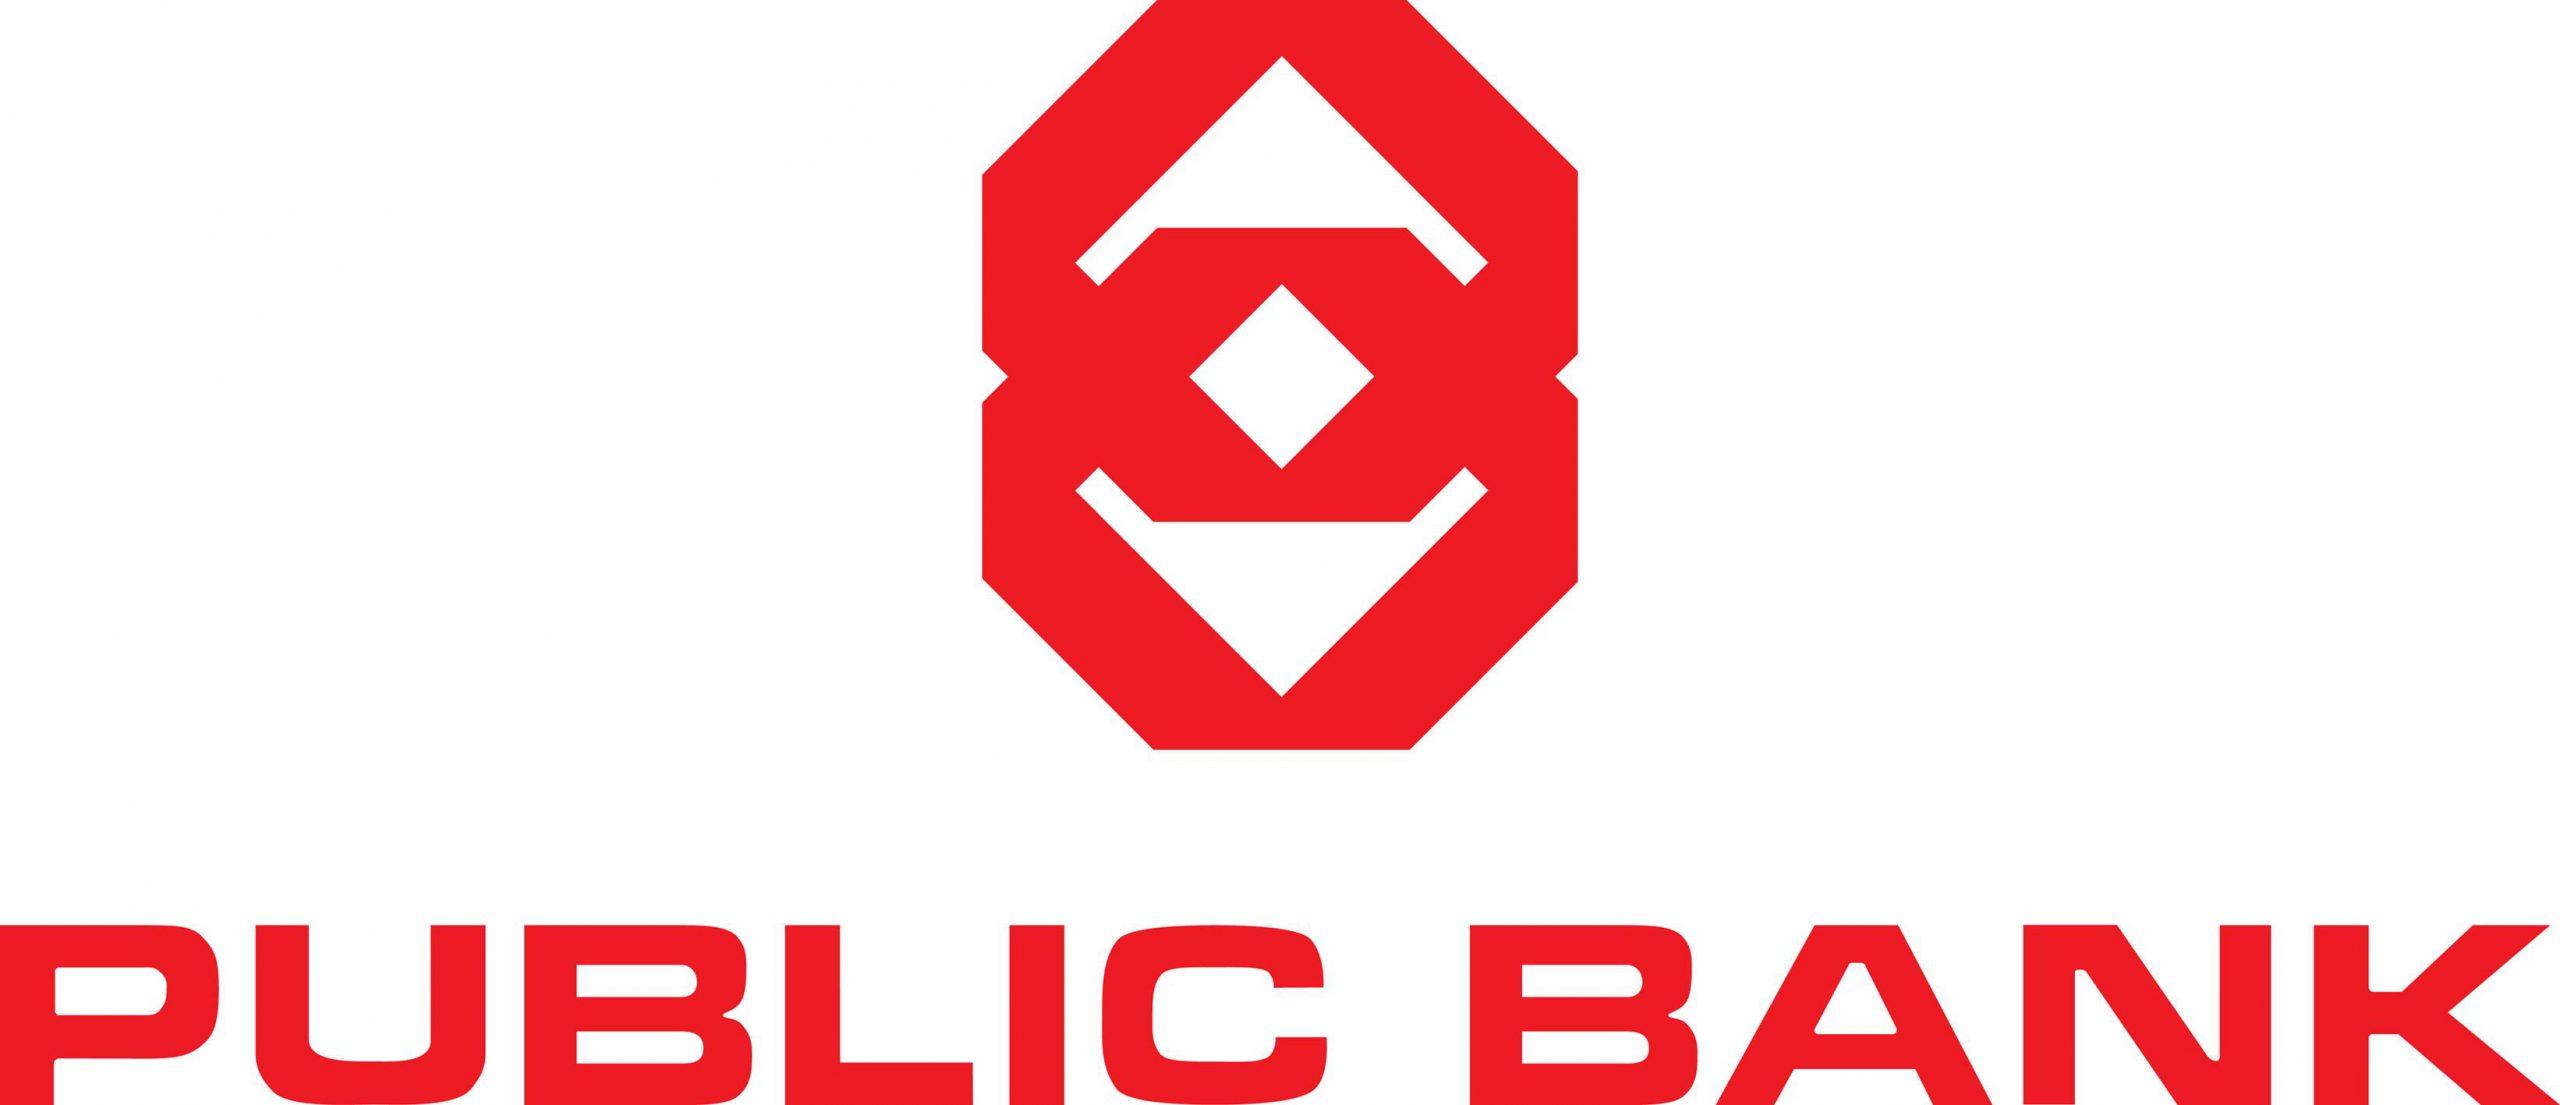 Public Bank Logo Image